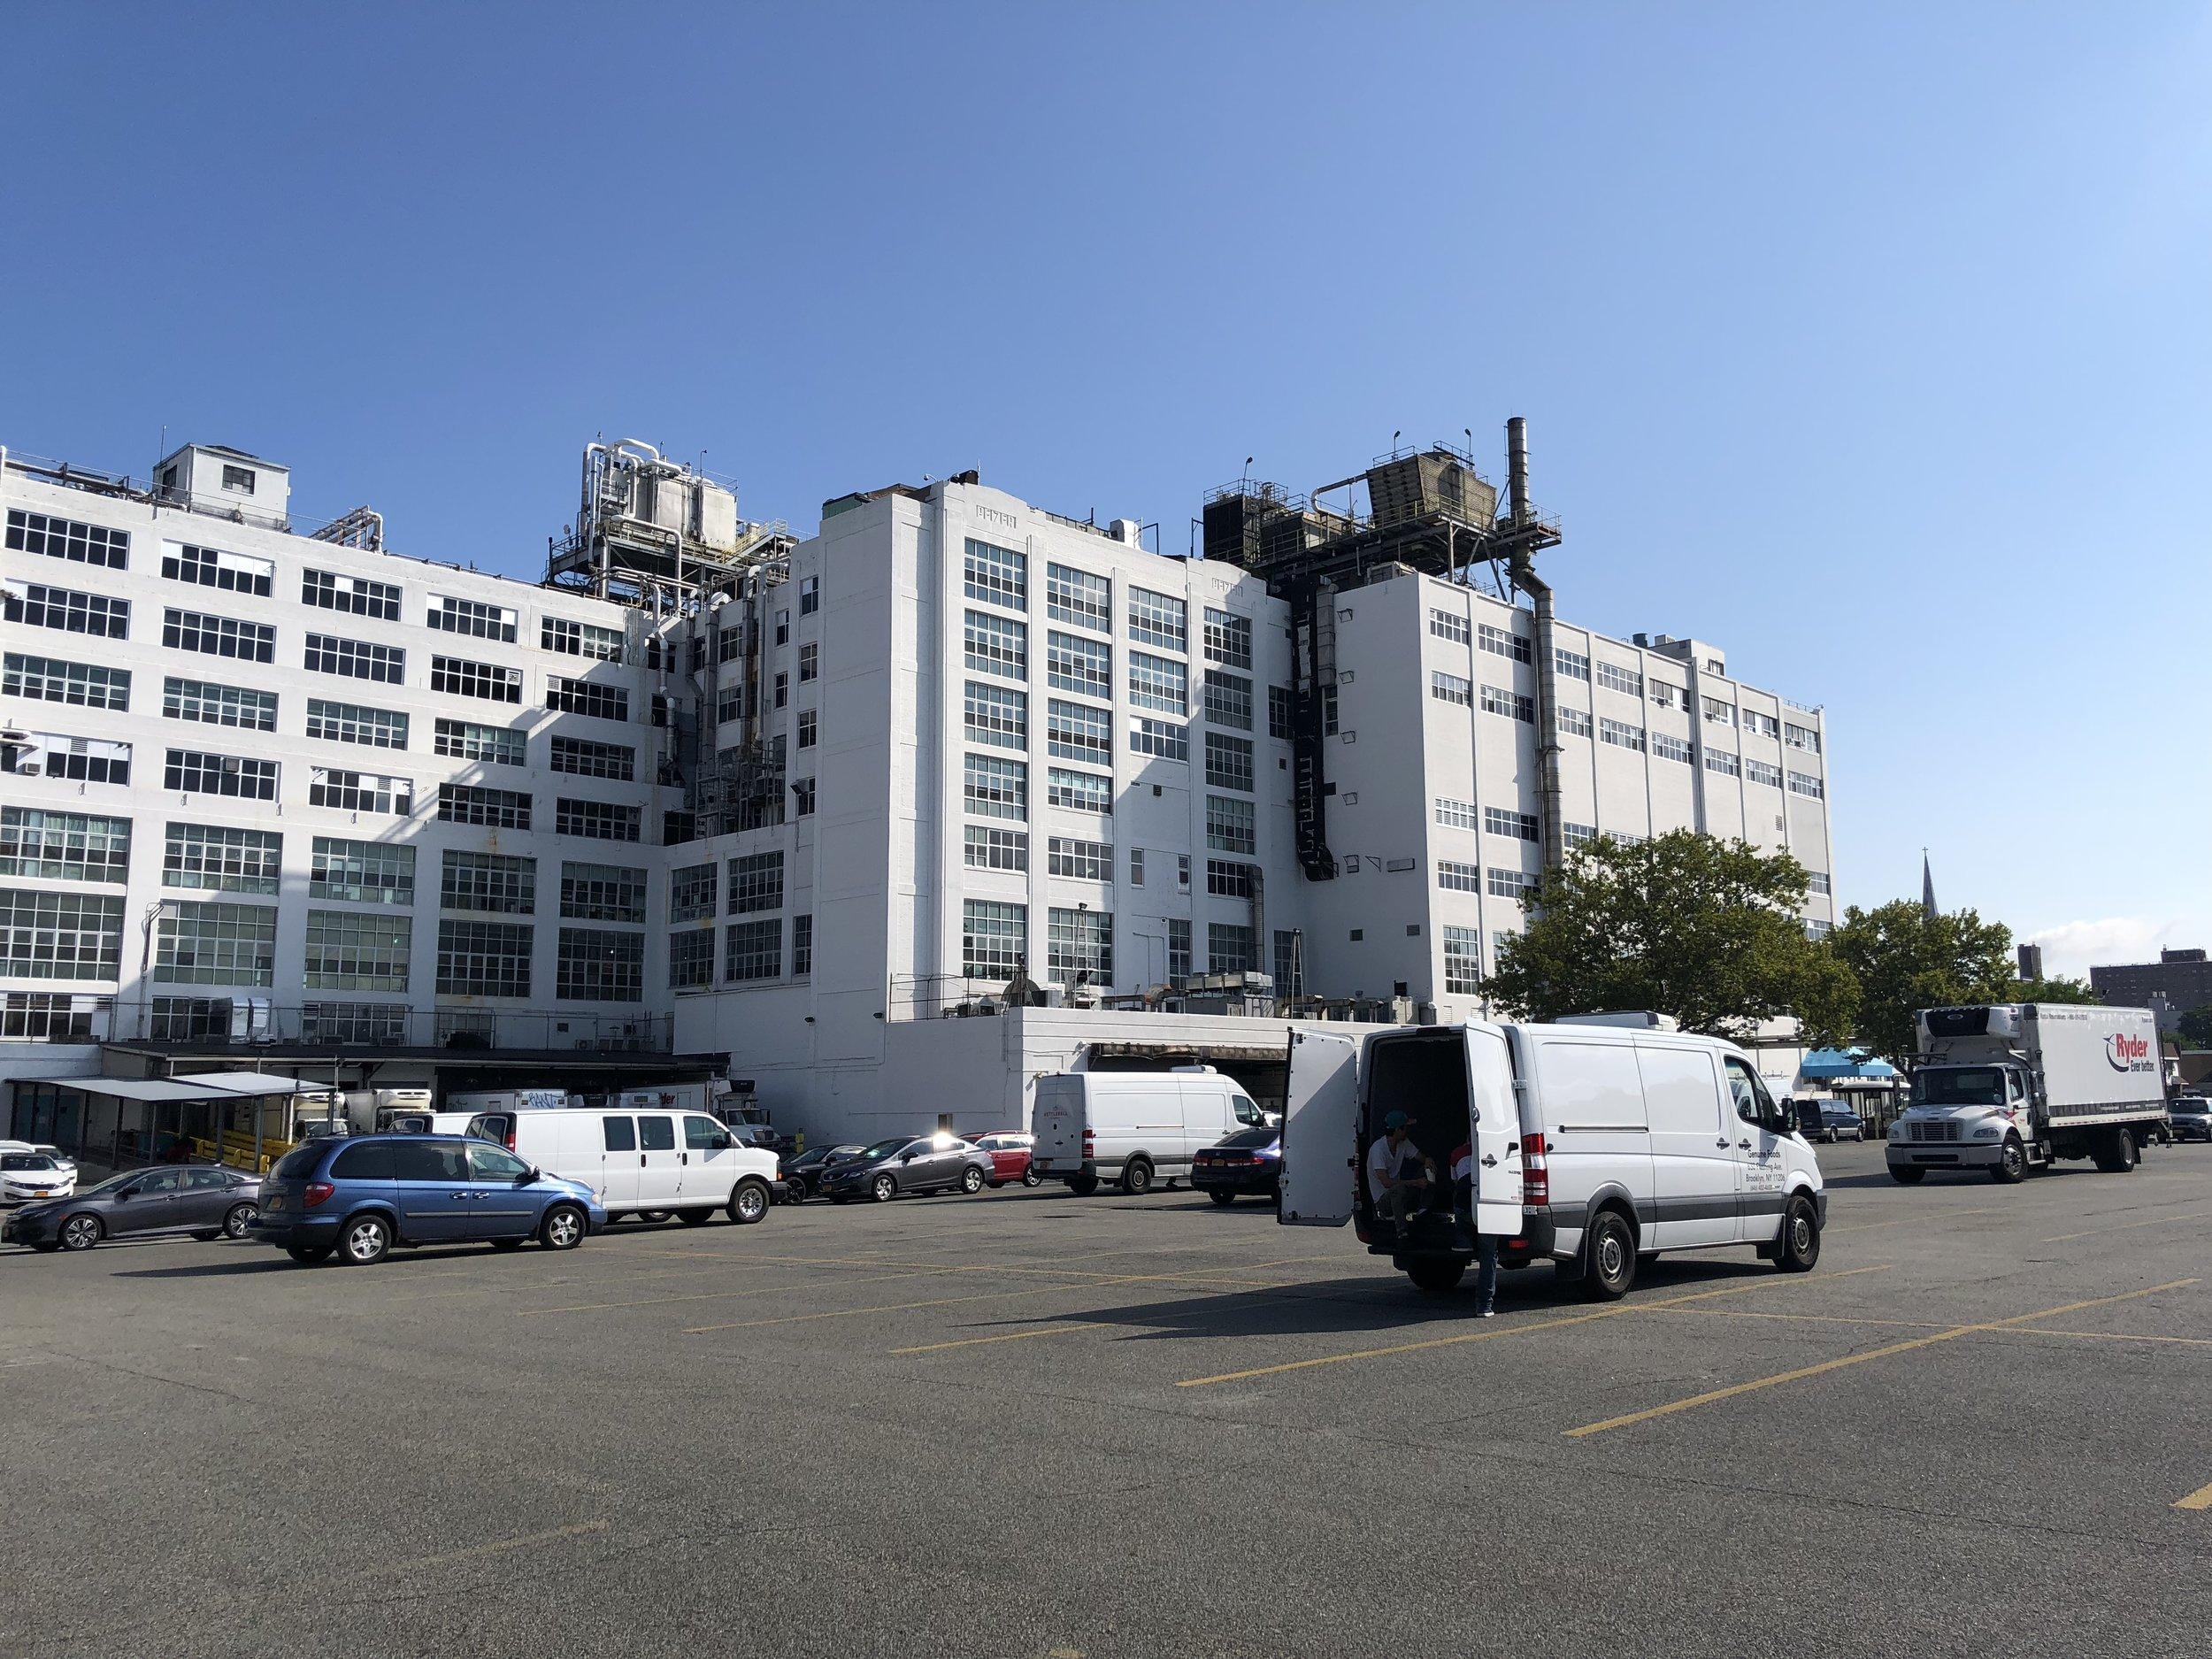 Im ehemaligen Sitz des Pharmarriesen Pfizer arbeiten in Brooklyn, New York inzwischen über 200 junge Foodstartups an der Zukunft.